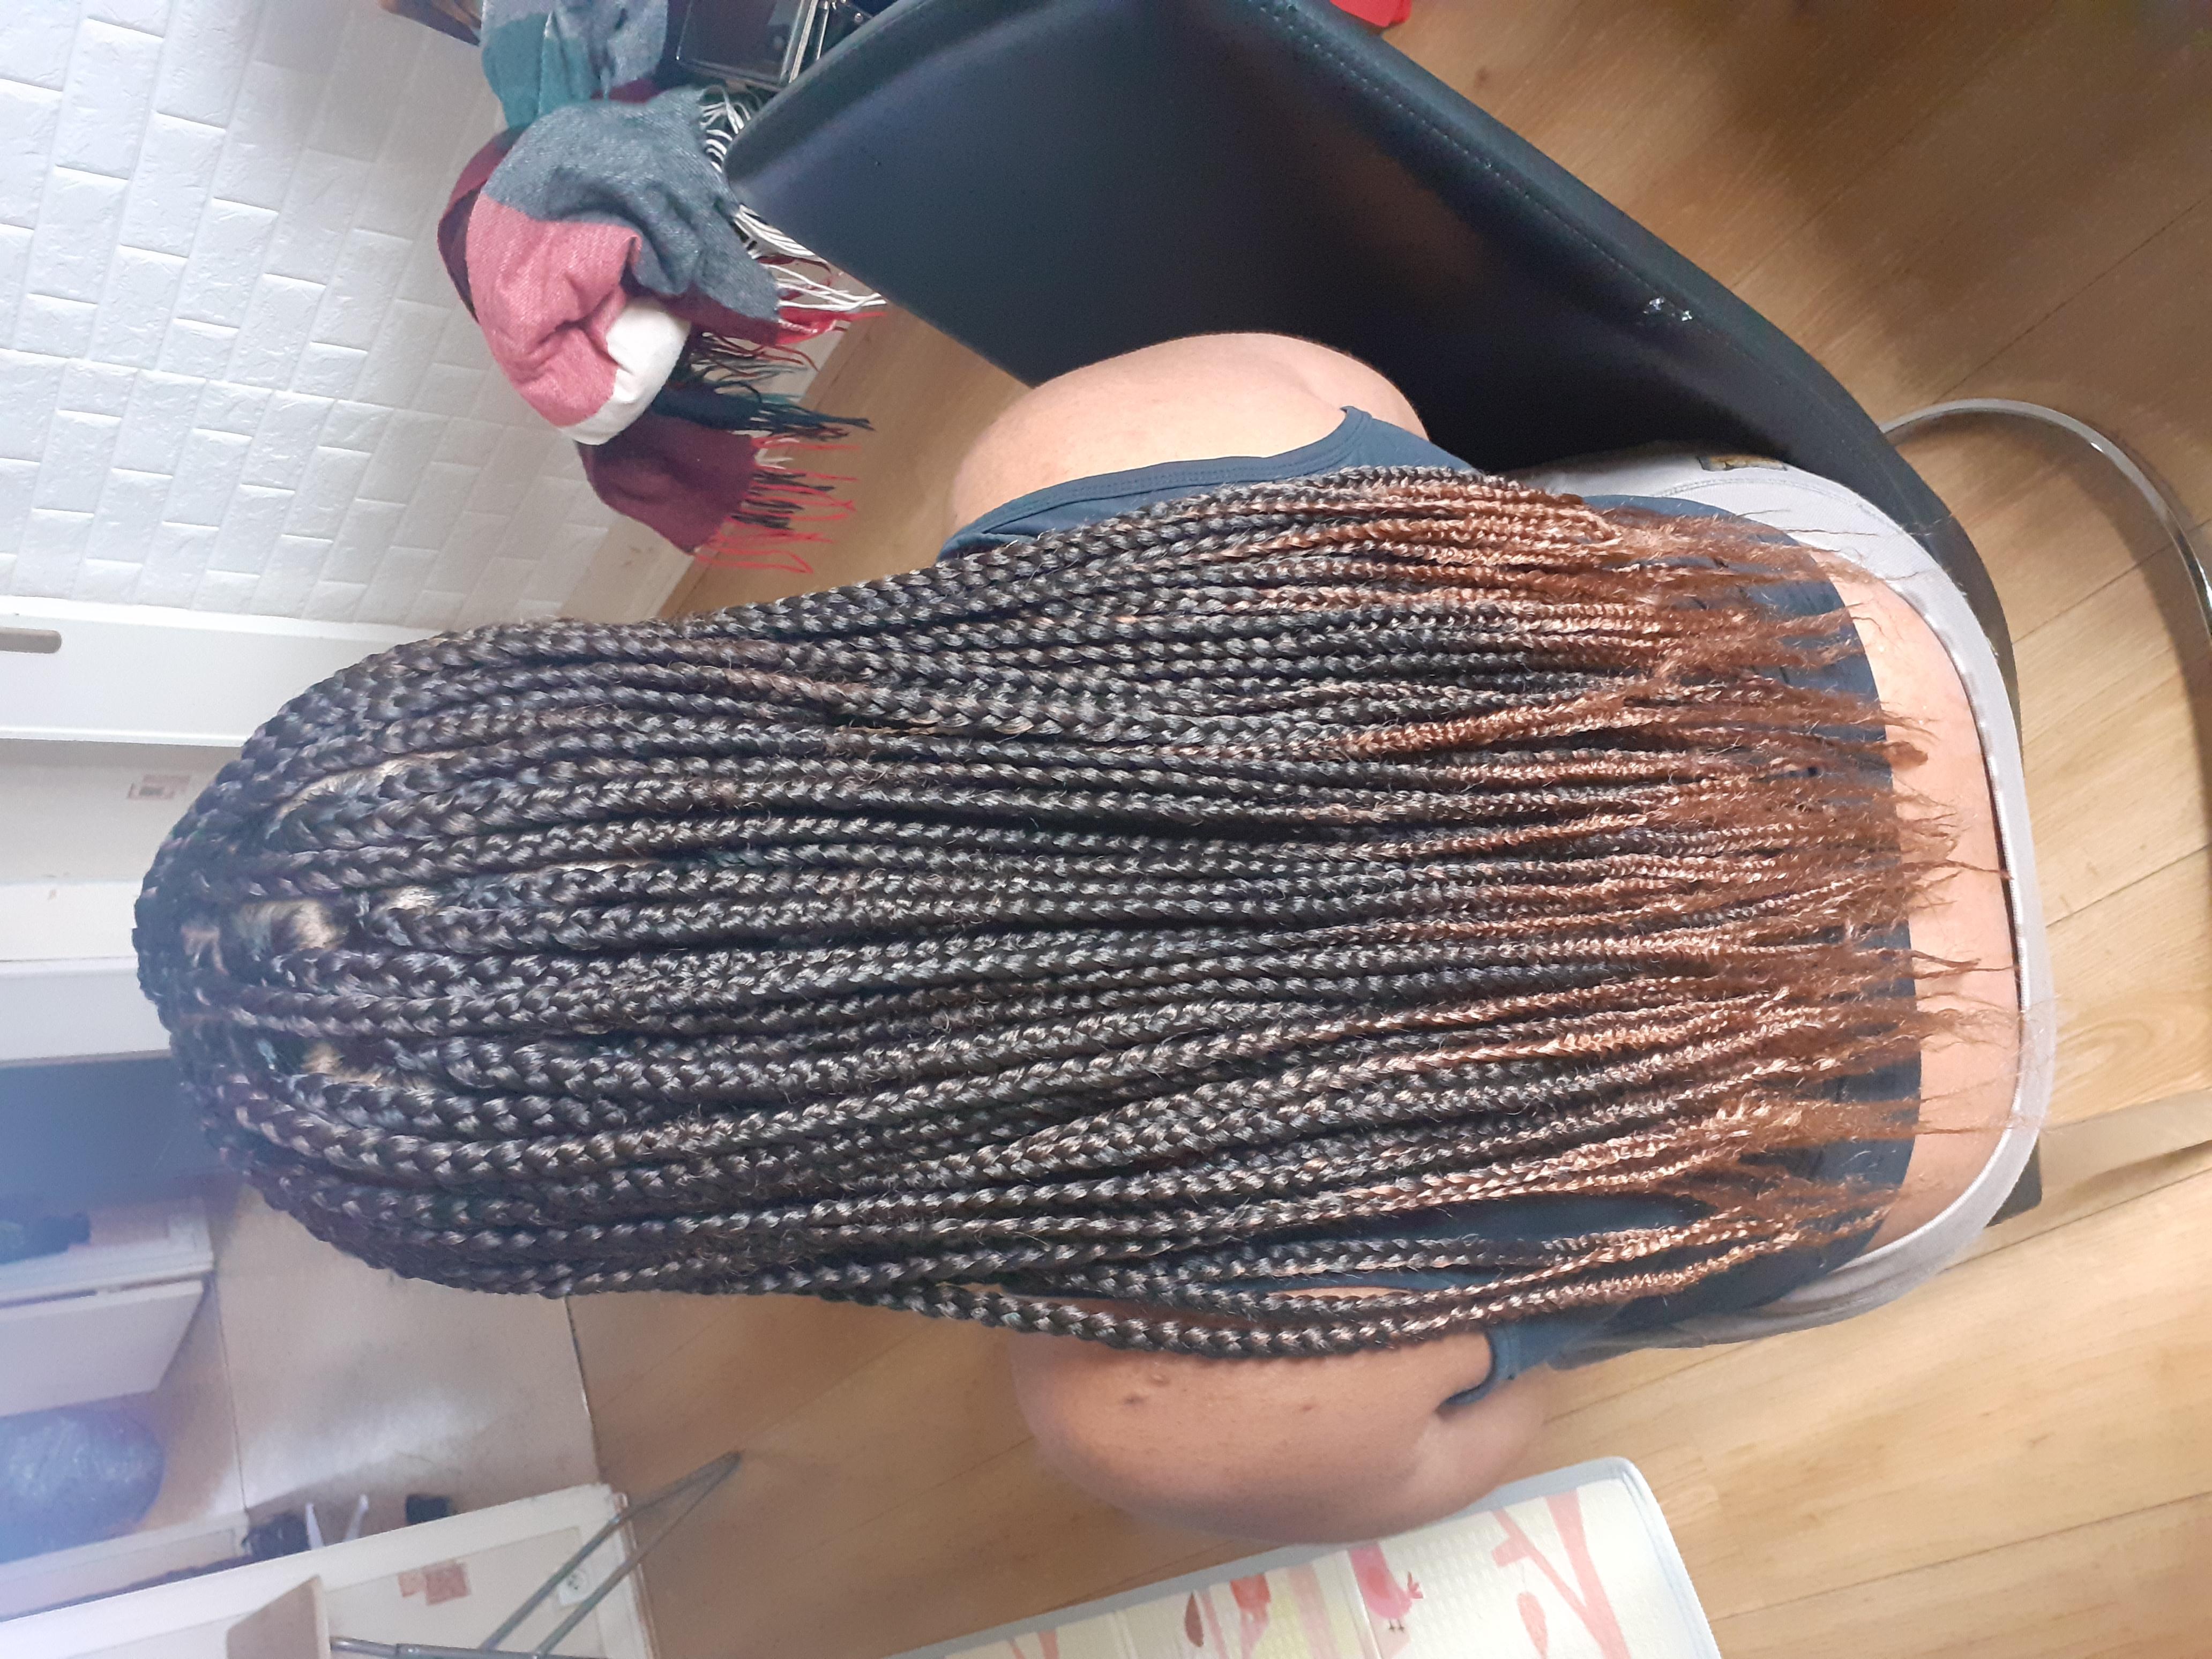 salon de coiffure afro tresse tresses box braids crochet braids vanilles tissages paris 75 77 78 91 92 93 94 95 FWQCUUJL